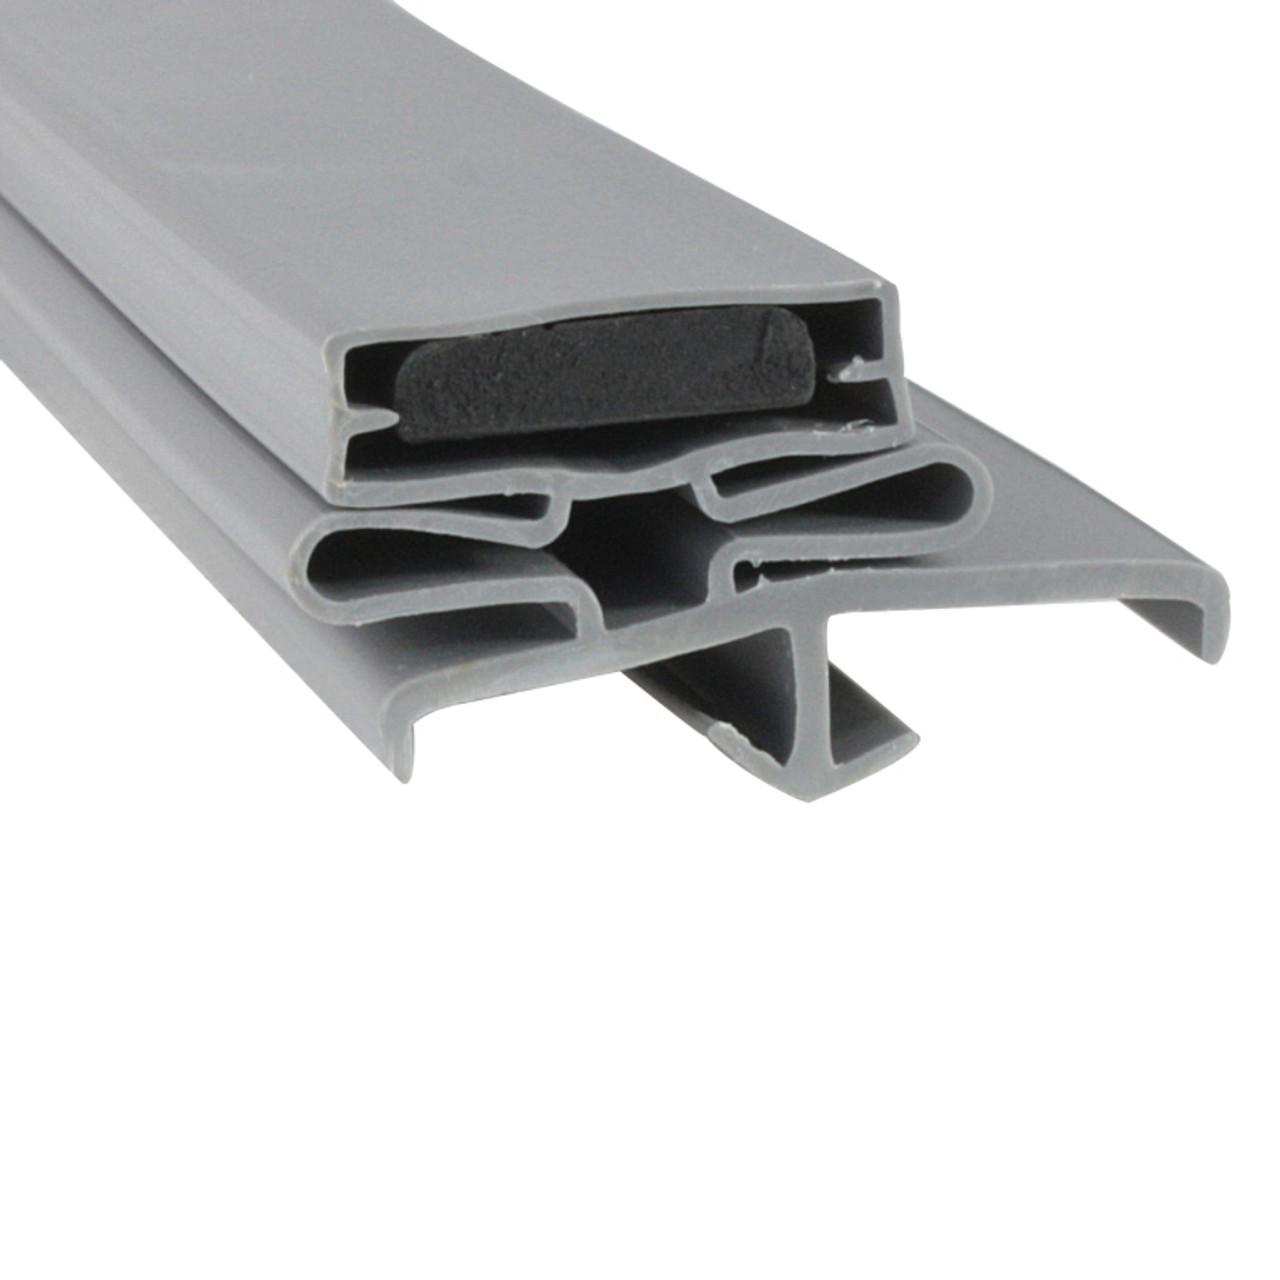 American Panel Door Gasket Profile  168 36 1/2 x 76 1/4